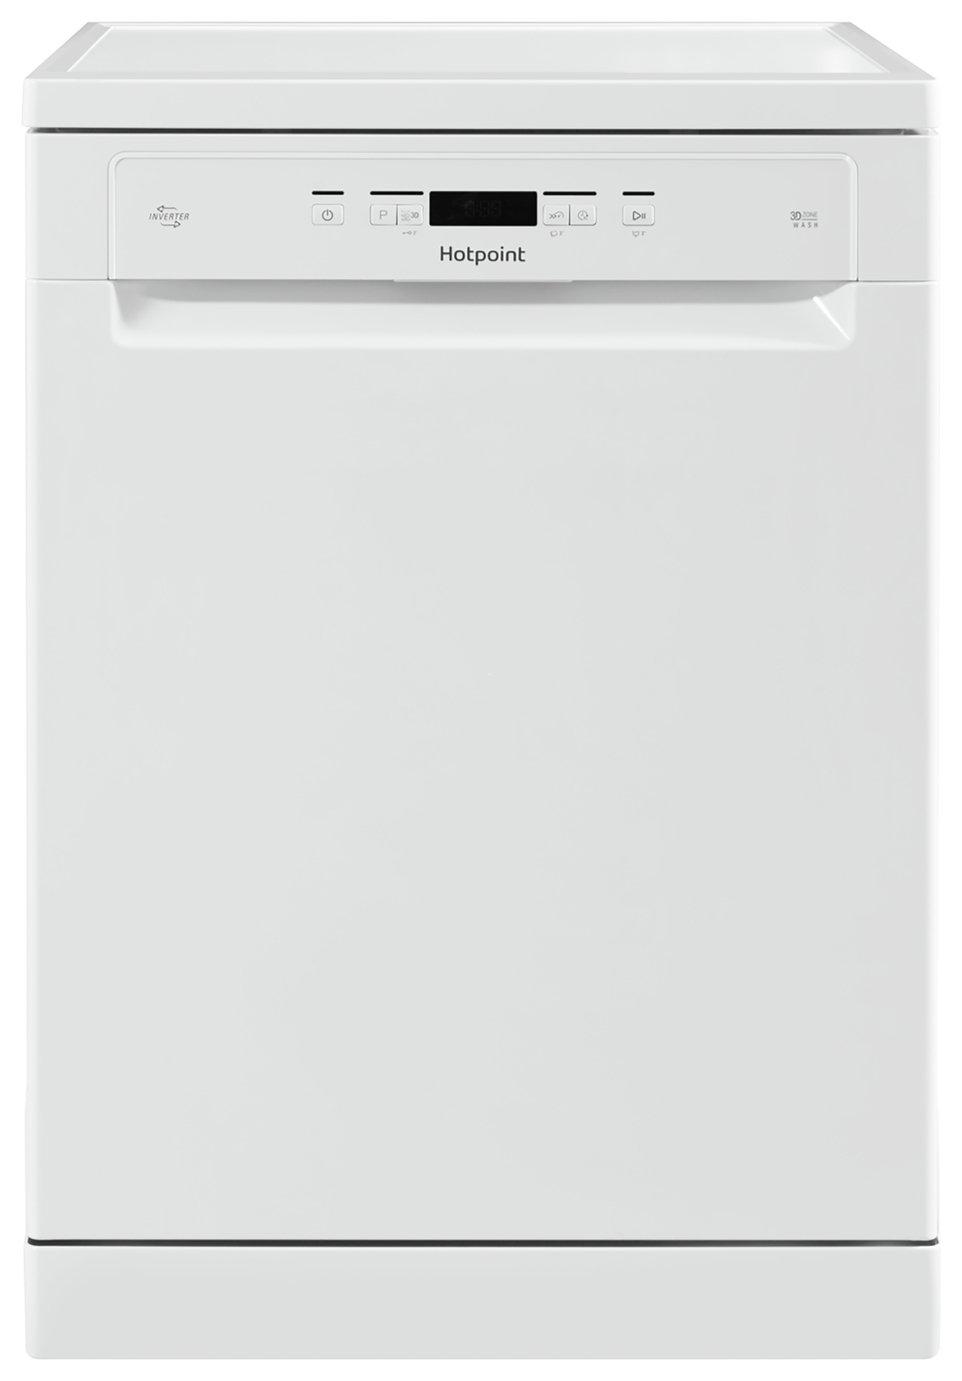 Hotpoint HFO3C23WF Full Size Dishwasher - White